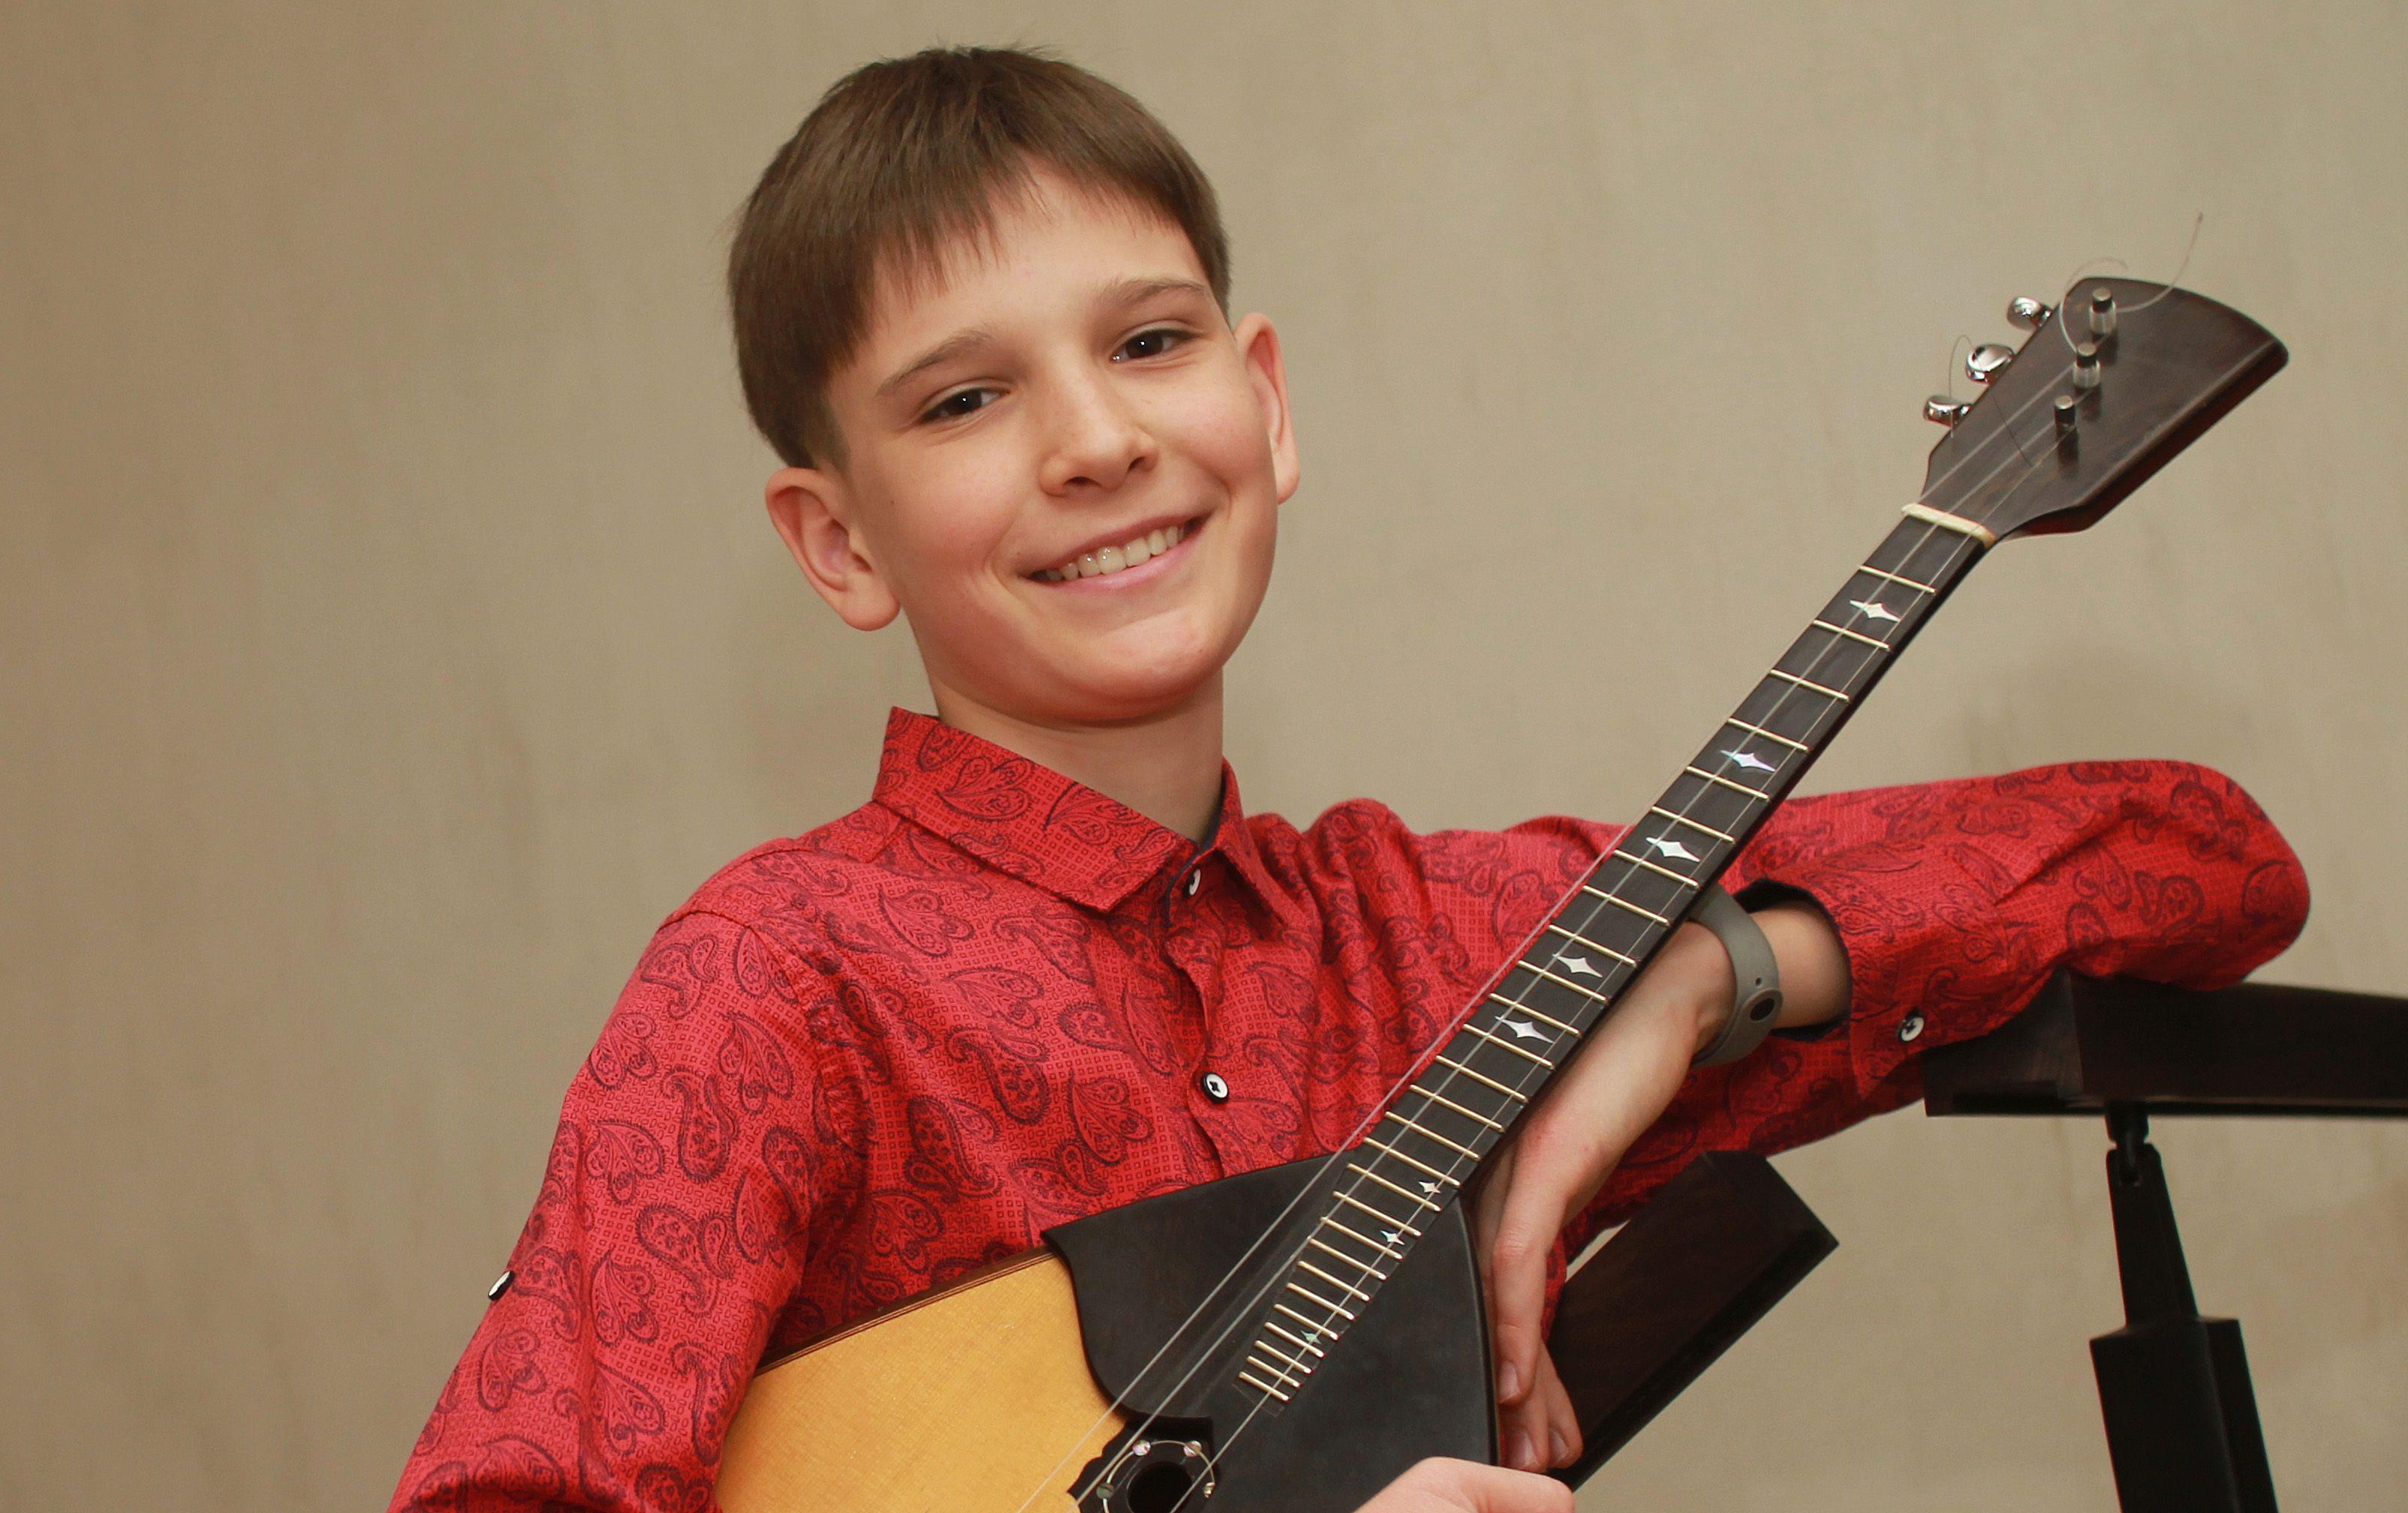 День открытых дверей проведут в музыкальной школе имени Виссариона Шебалина